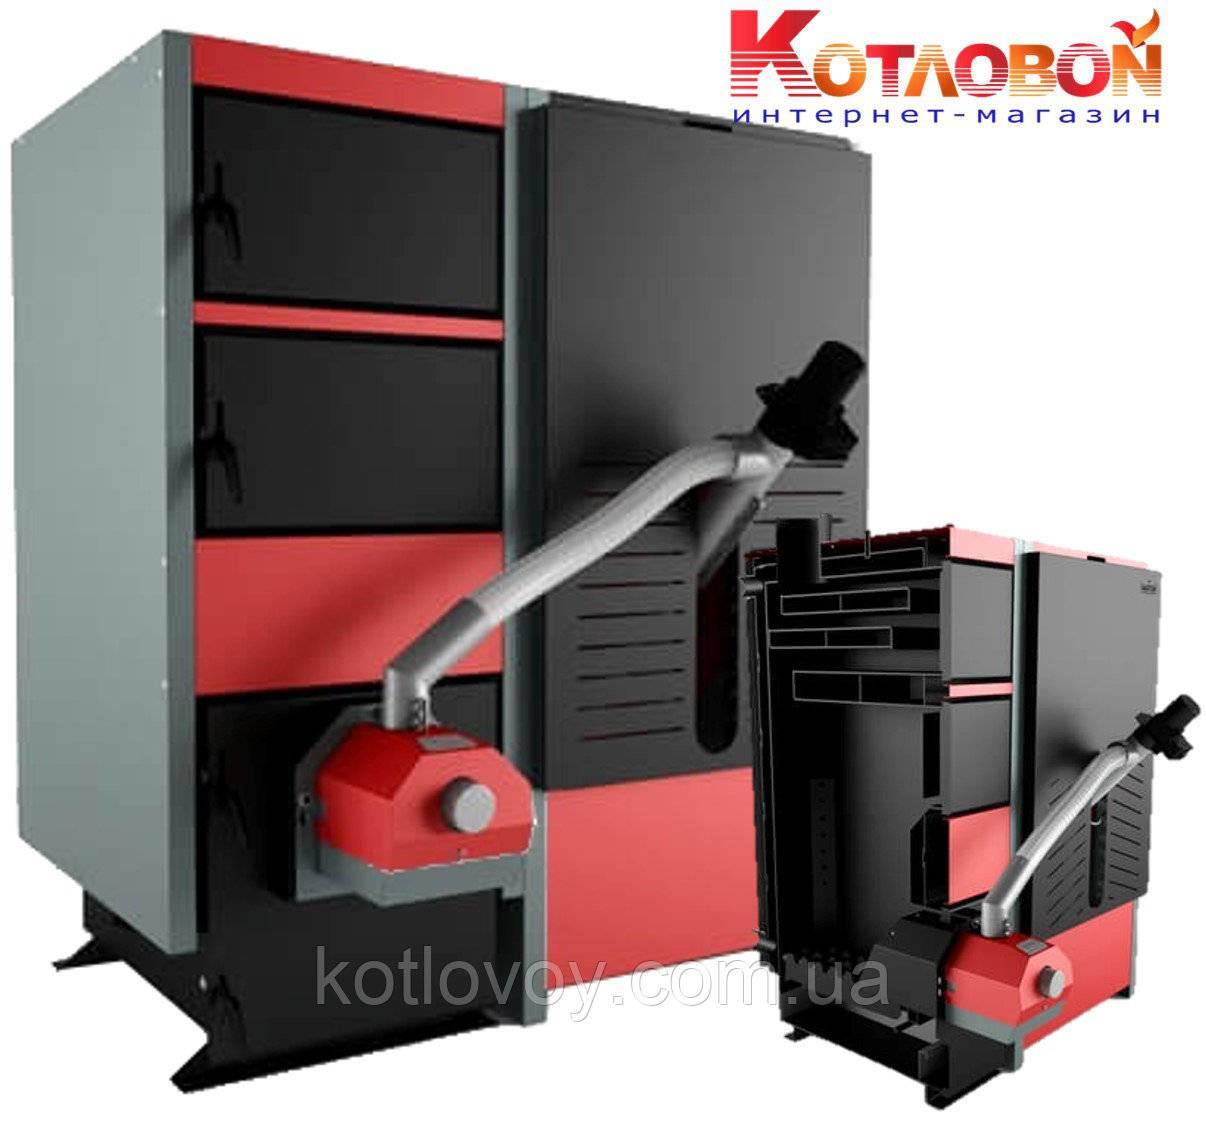 Пеллетные котлы с автоматической подачей топлива: цена, преимущества